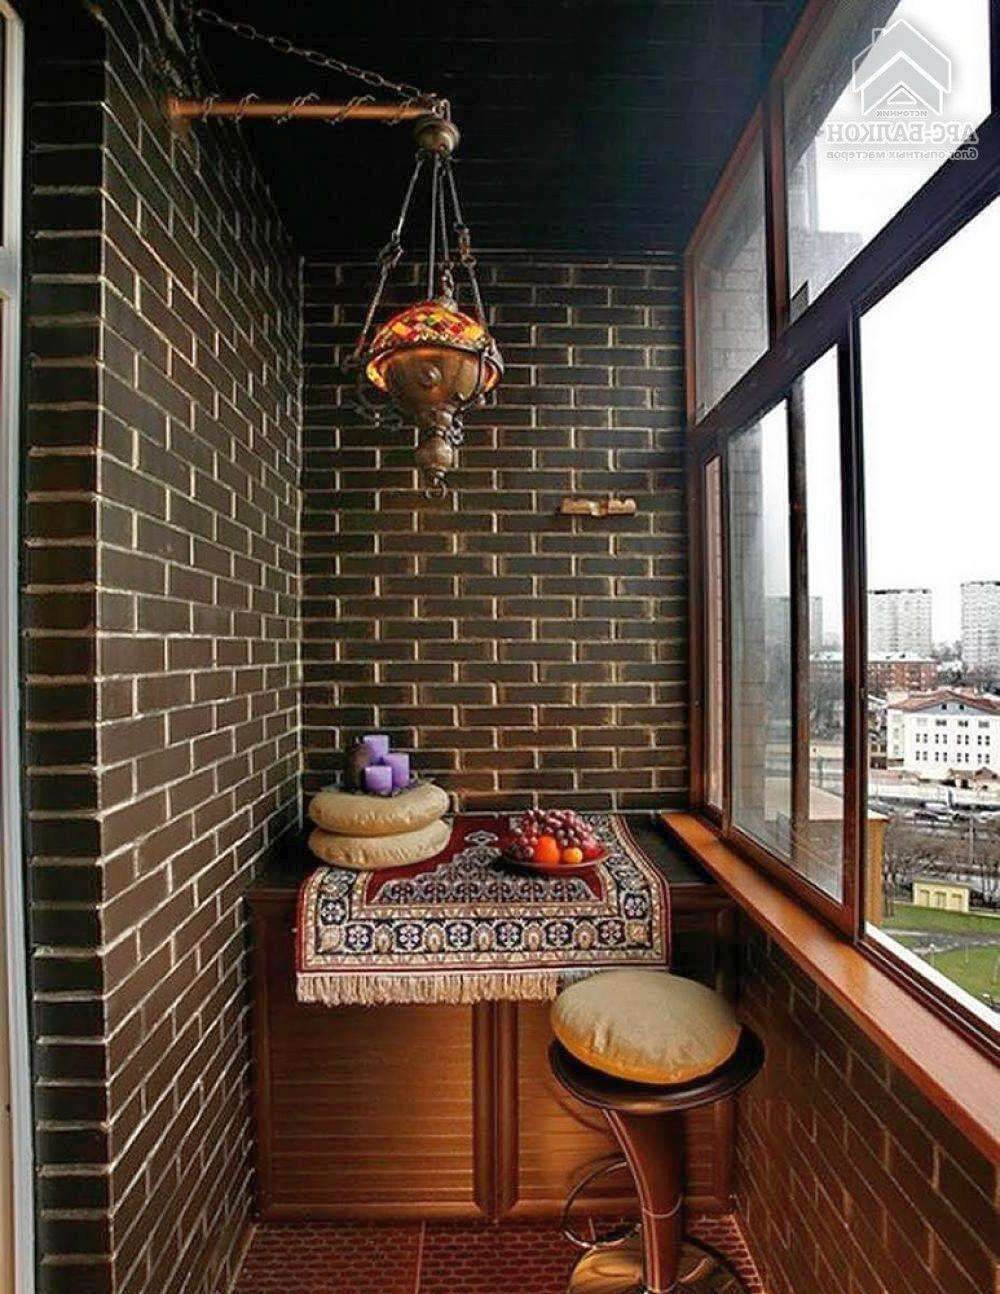 Внутренняя отделка балкона керамической плиткой под темный кирпич